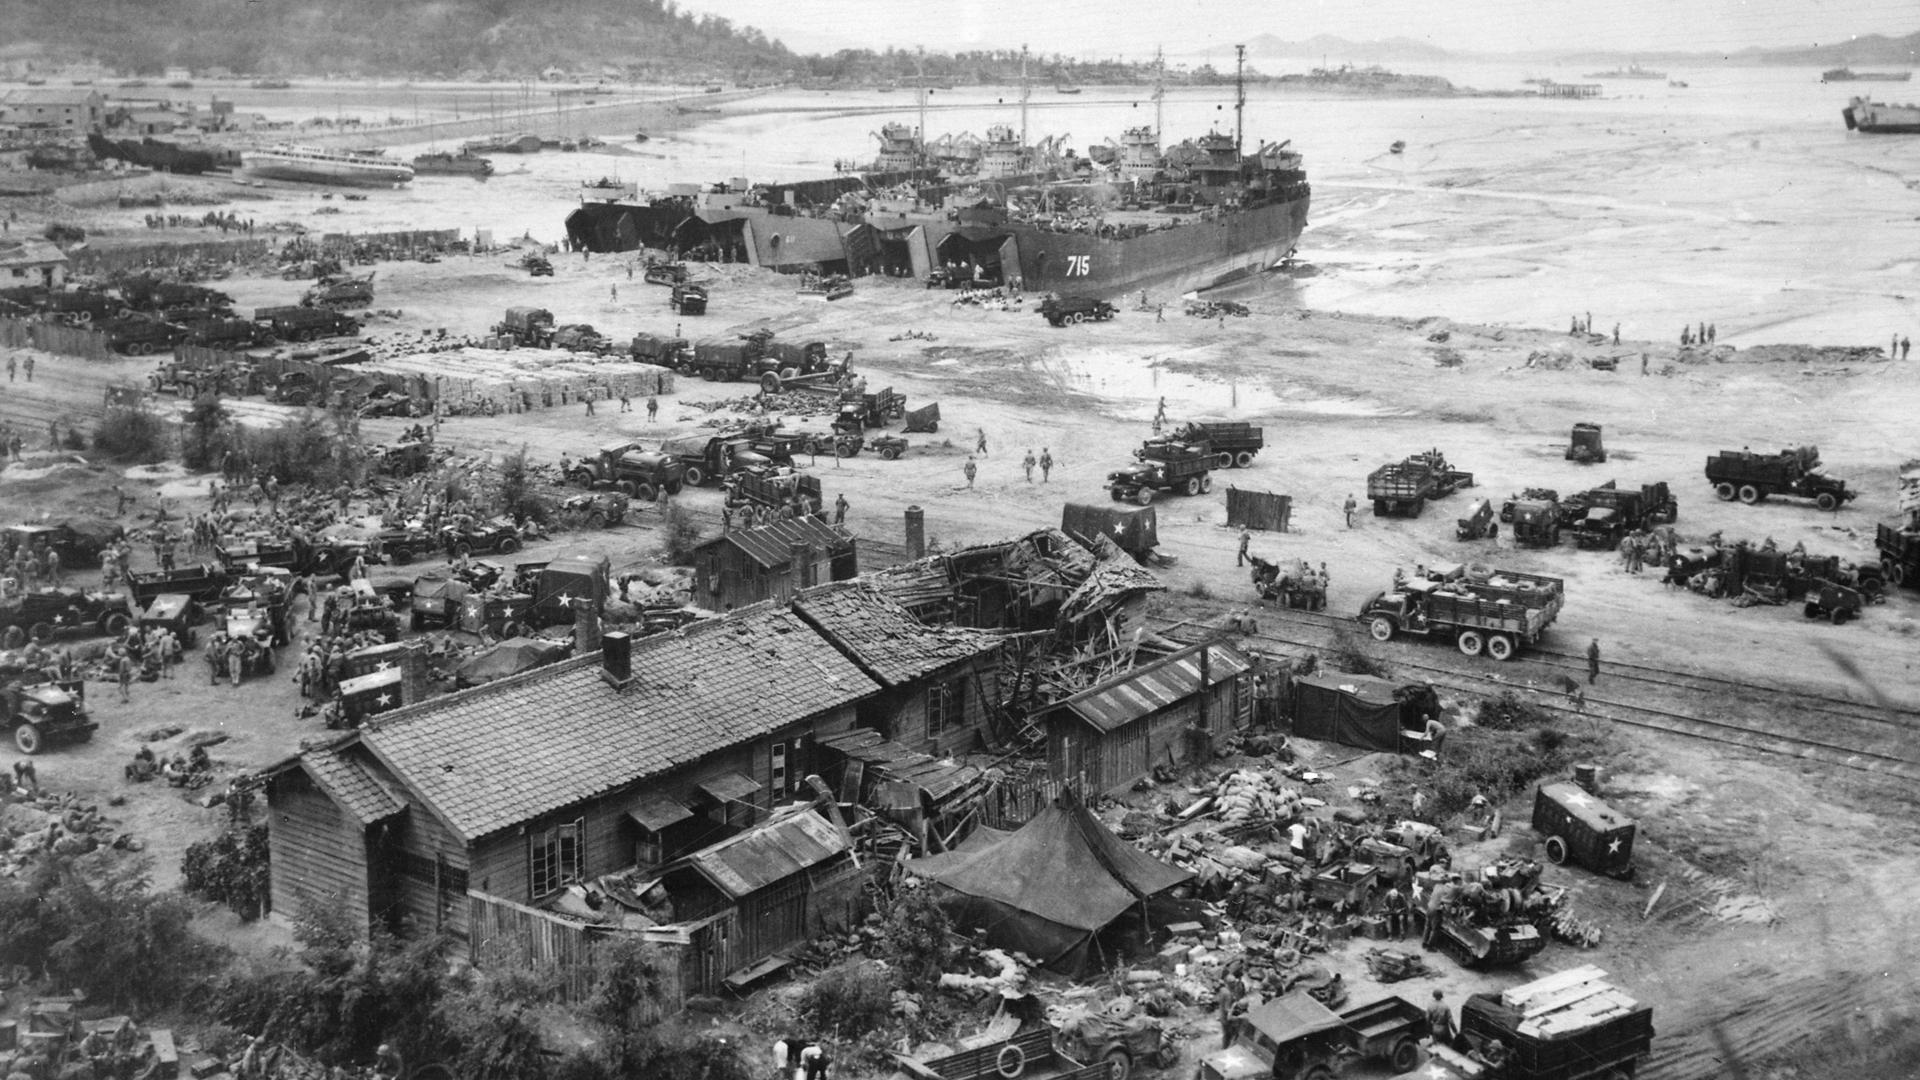 1950年9月16日,在已被联合国军控制的滩头,四艘坦克登陆艇正在卸下人员及装备。(维基百科)